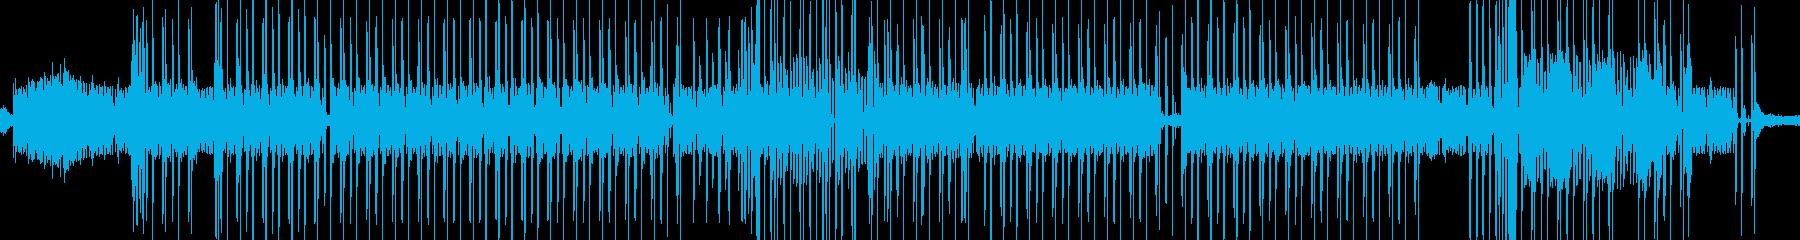 剥ぎ取り、拍手とシンセ。電子。イン...の再生済みの波形